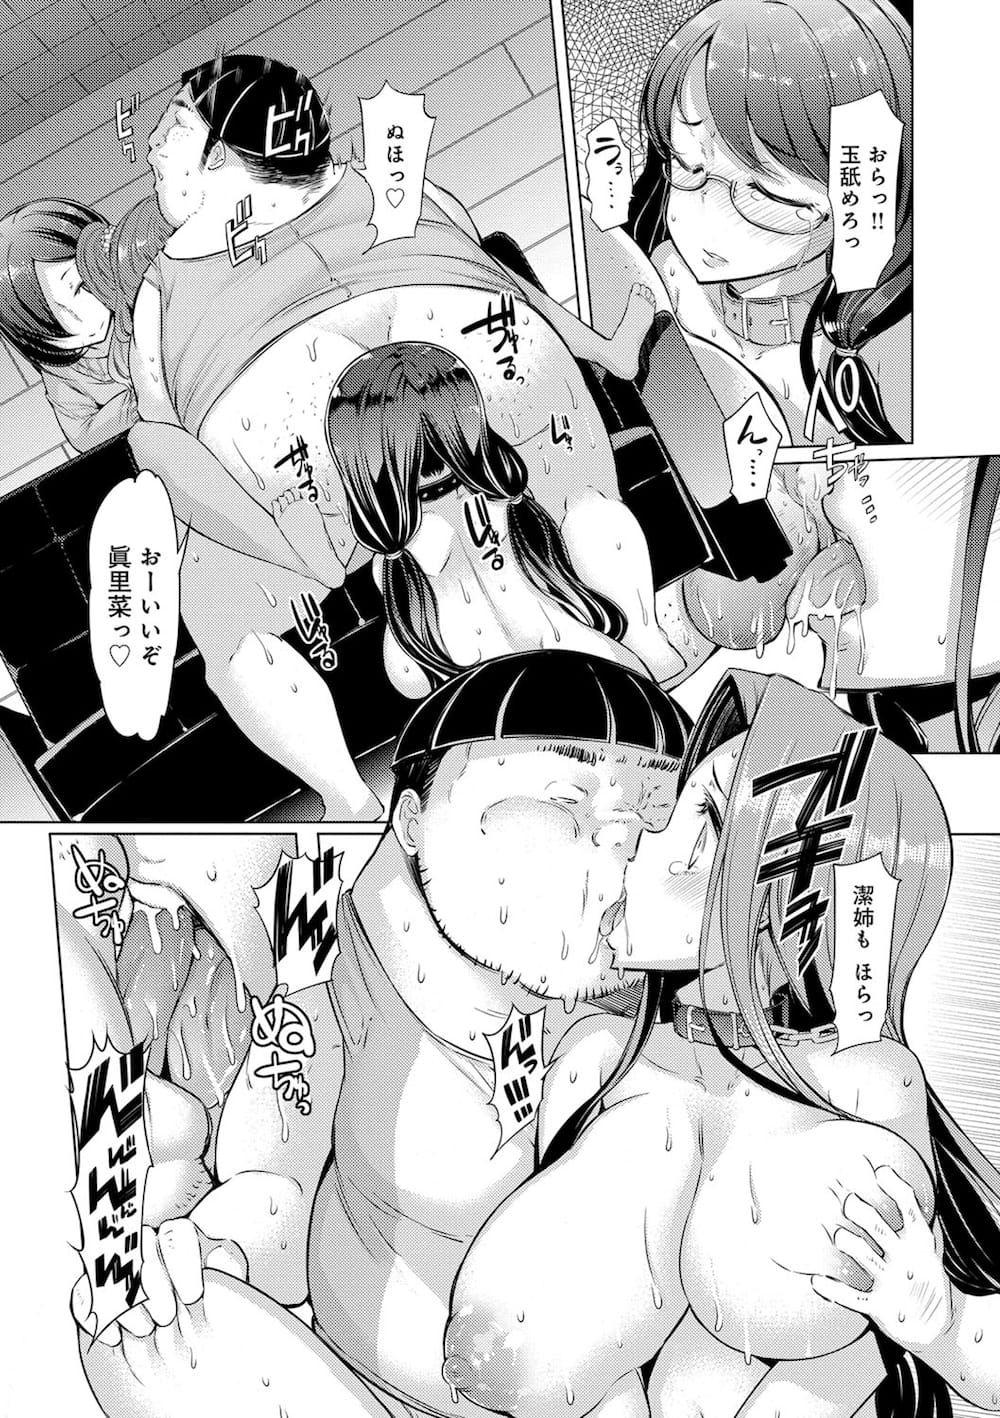 【エロ漫画・同人誌】兄妹で女三人を騙して島に閉じ込めて犯しまくり!さらに兄妹セックスも楽しんじゃう♪ 021